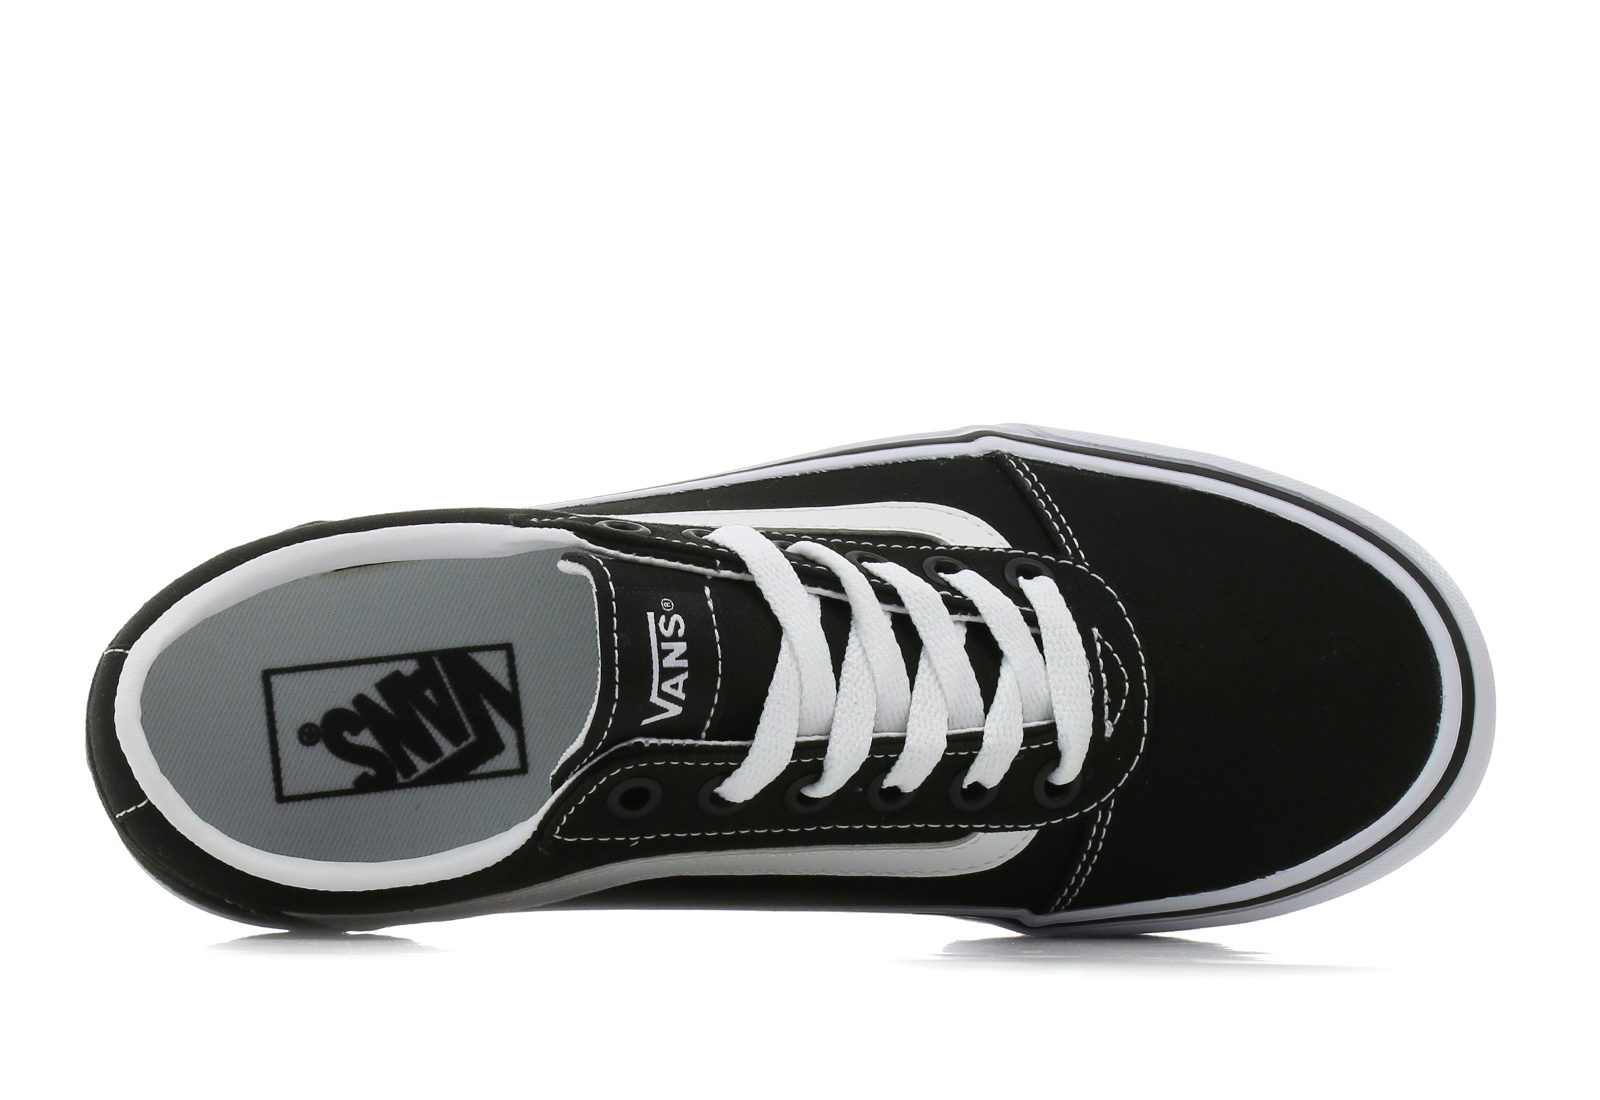 f48d1c4106 Vans Shoes - Wm Ward Platform - VA3TLC187 - Online shop for sneakers ...